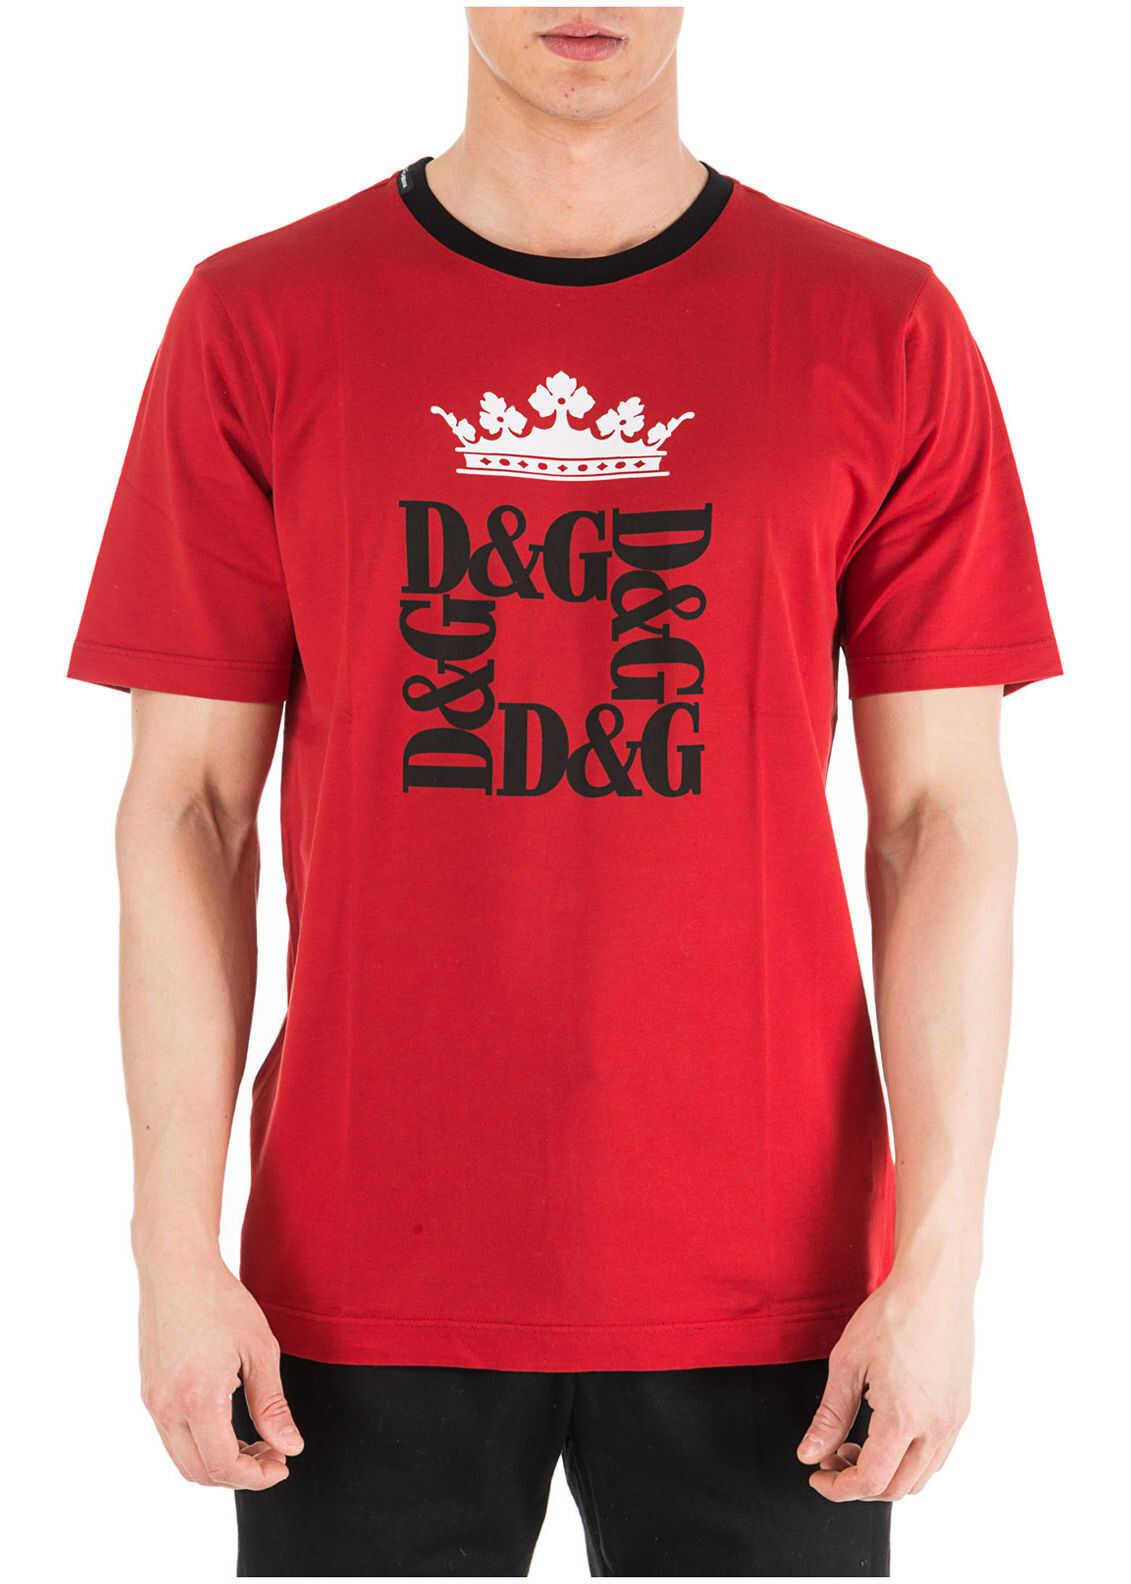 Dolce & Gabbana Neckline Jumper Red